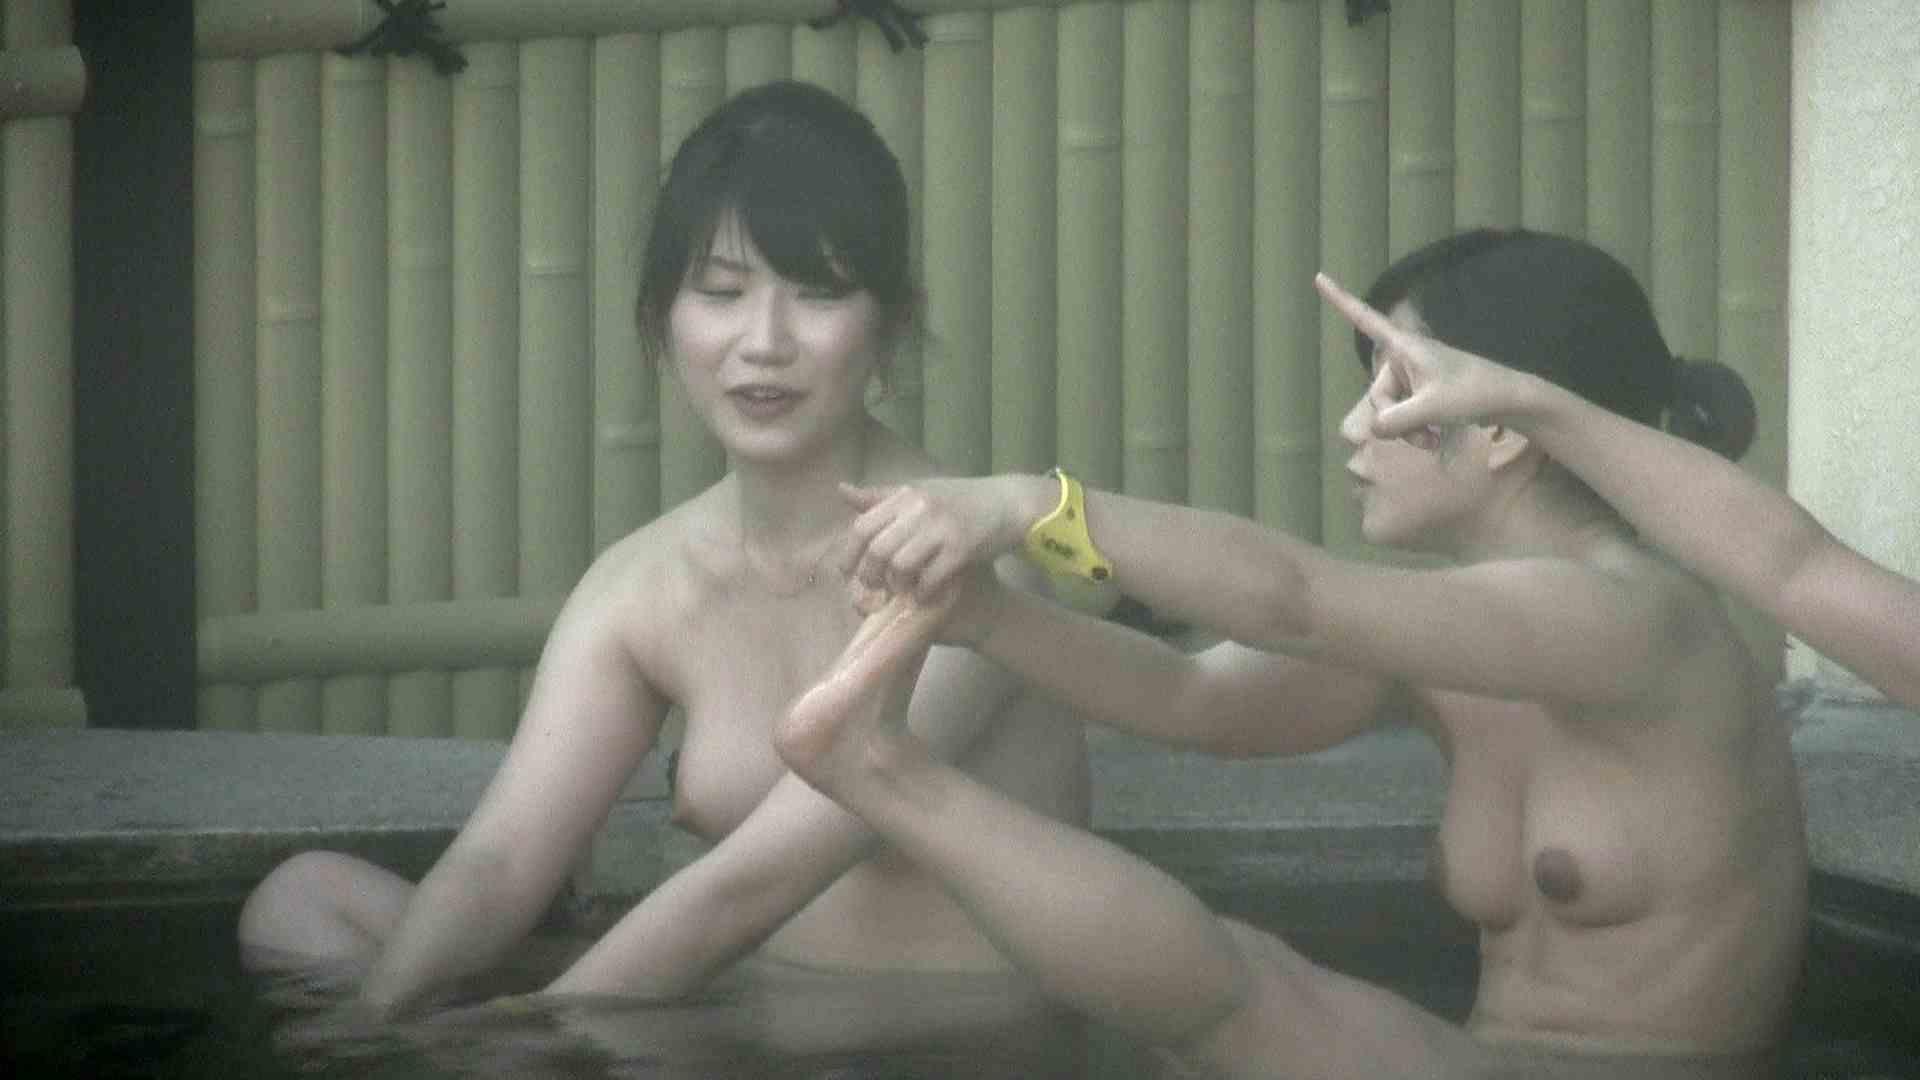 Aquaな露天風呂Vol.206 盗撮シリーズ  80PIX 10